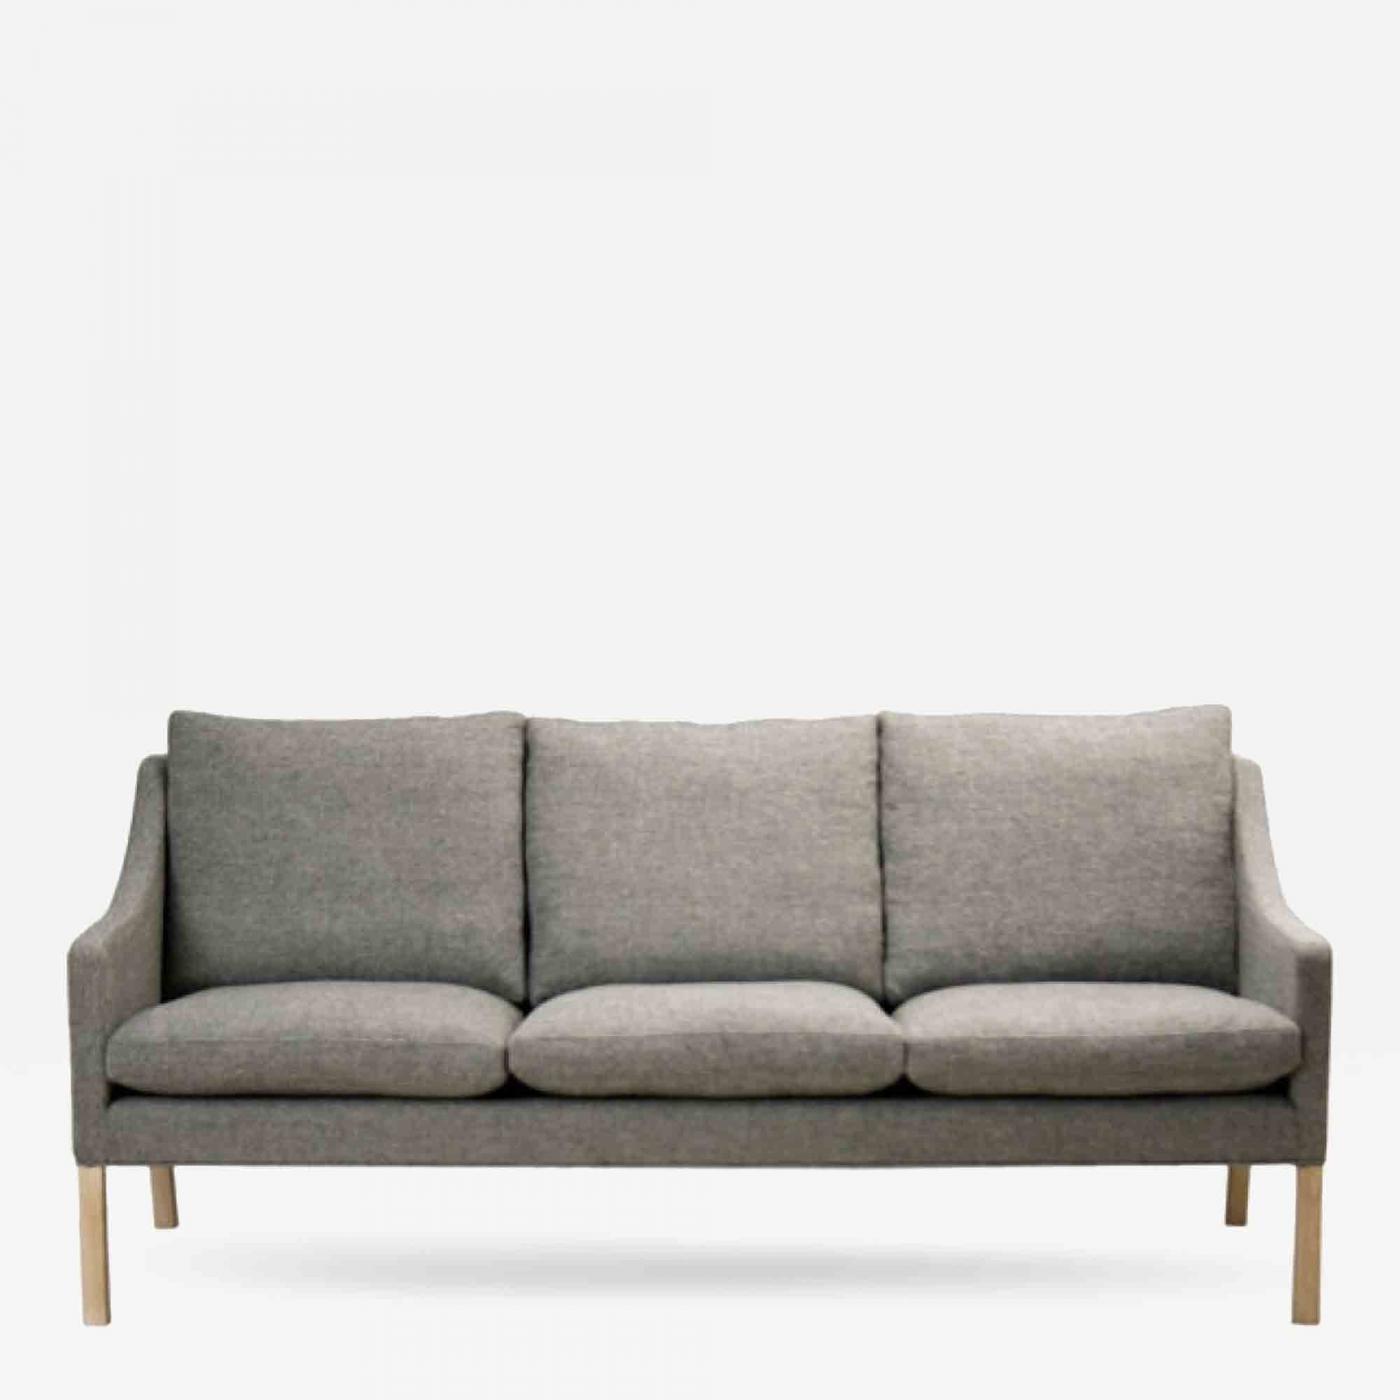 borge mogensen sofa model 2209 catnapper leather bm